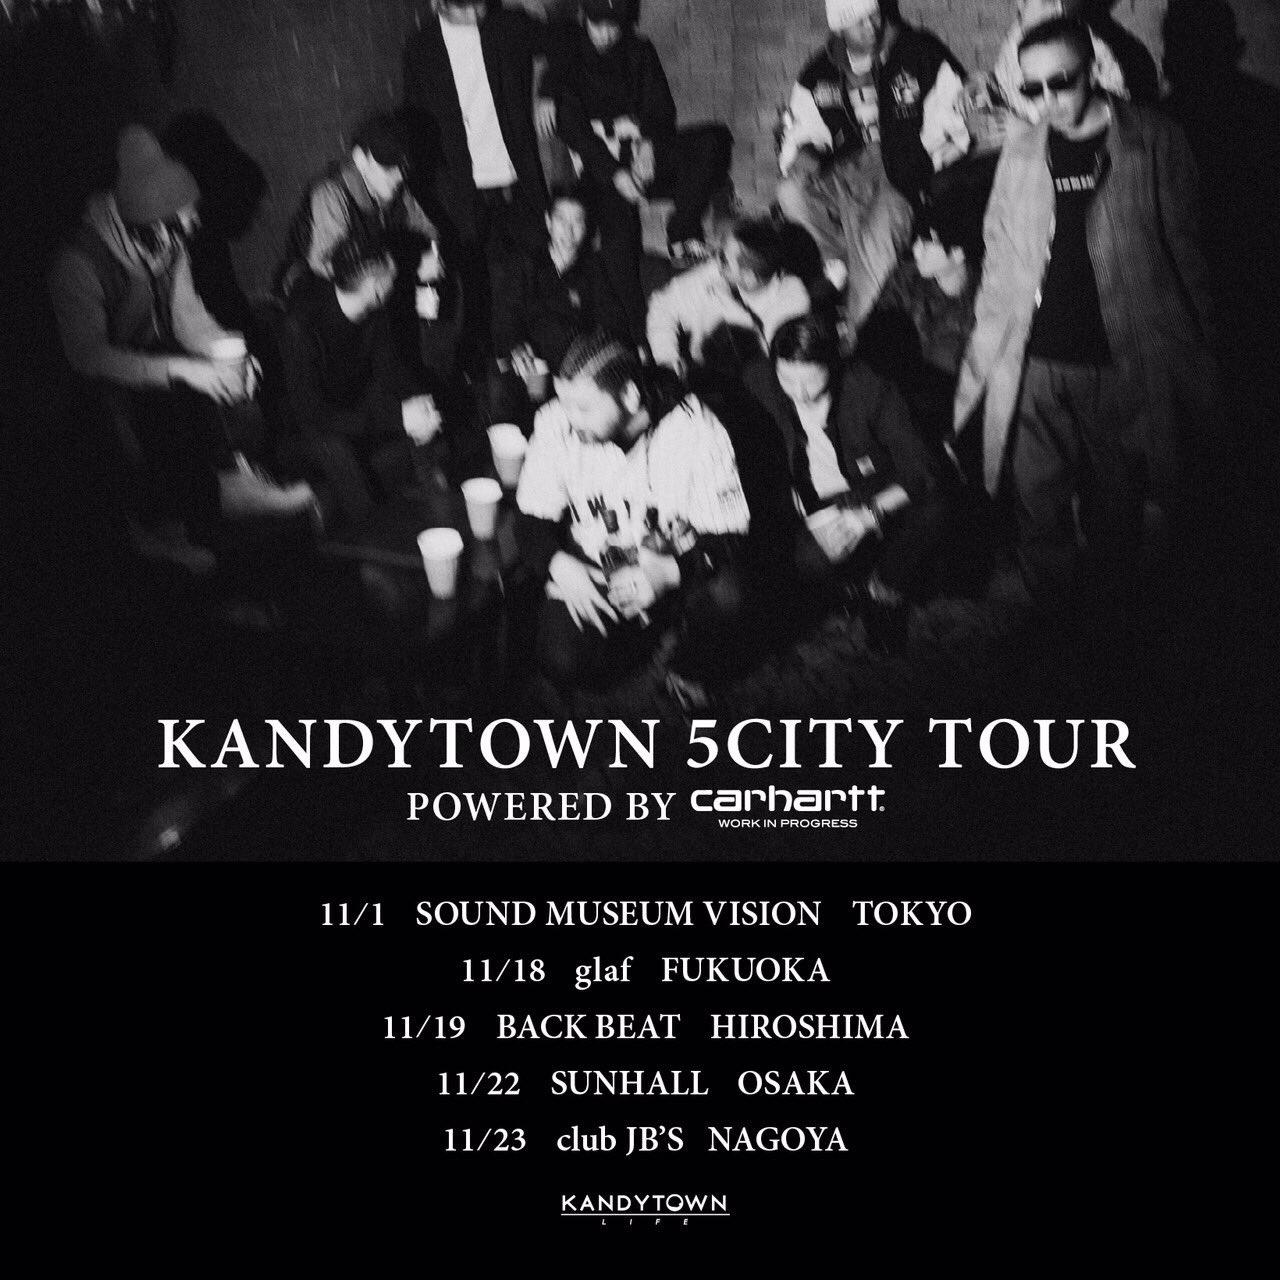 KANDYTOWN 5CITY TOUR